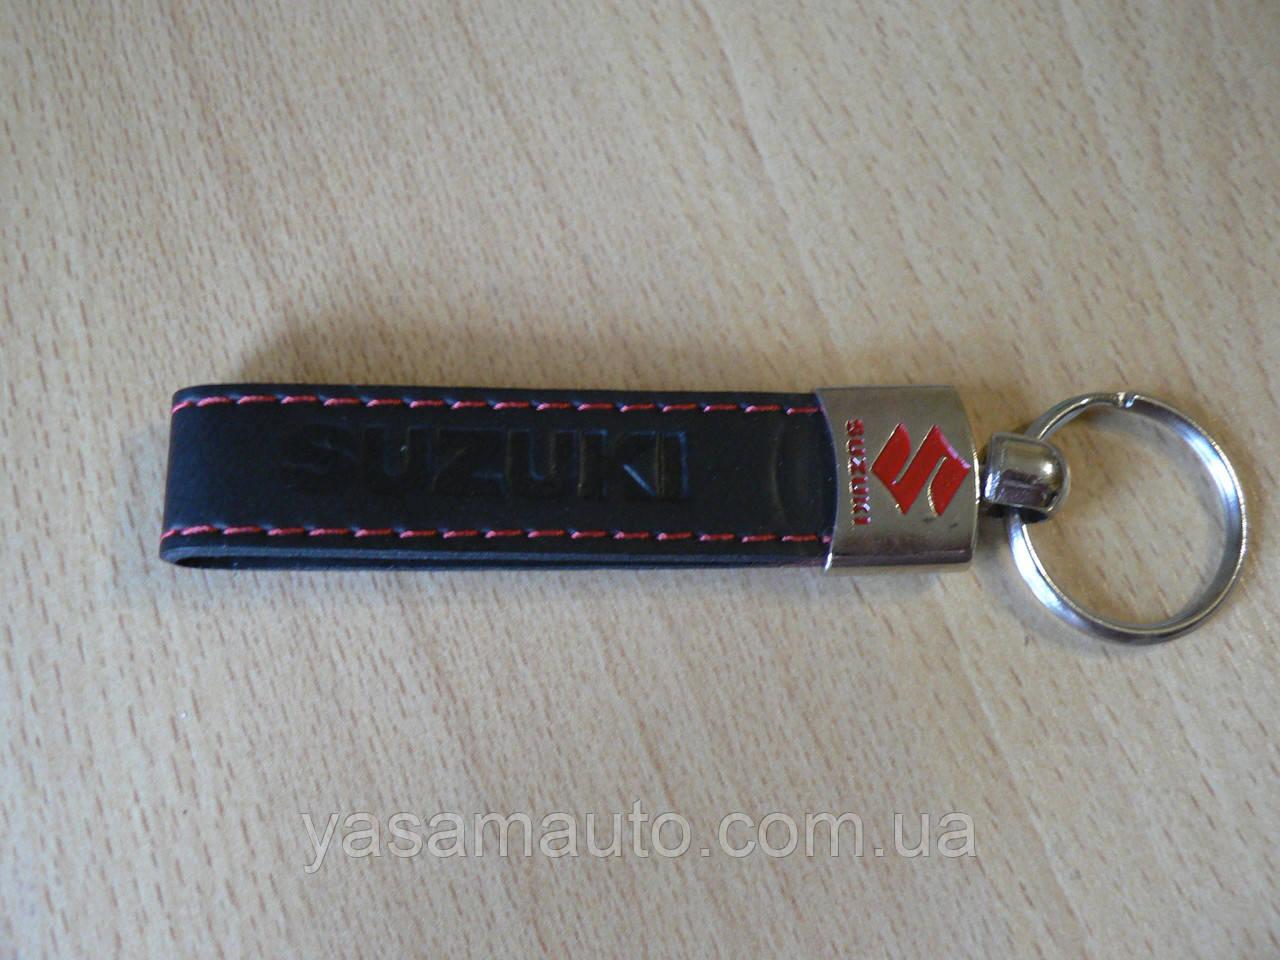 Брелок хлястик Suzuki 117мм 15г черный кожзам эмблема Сузуки черная и красная Уценка  на авто ключи